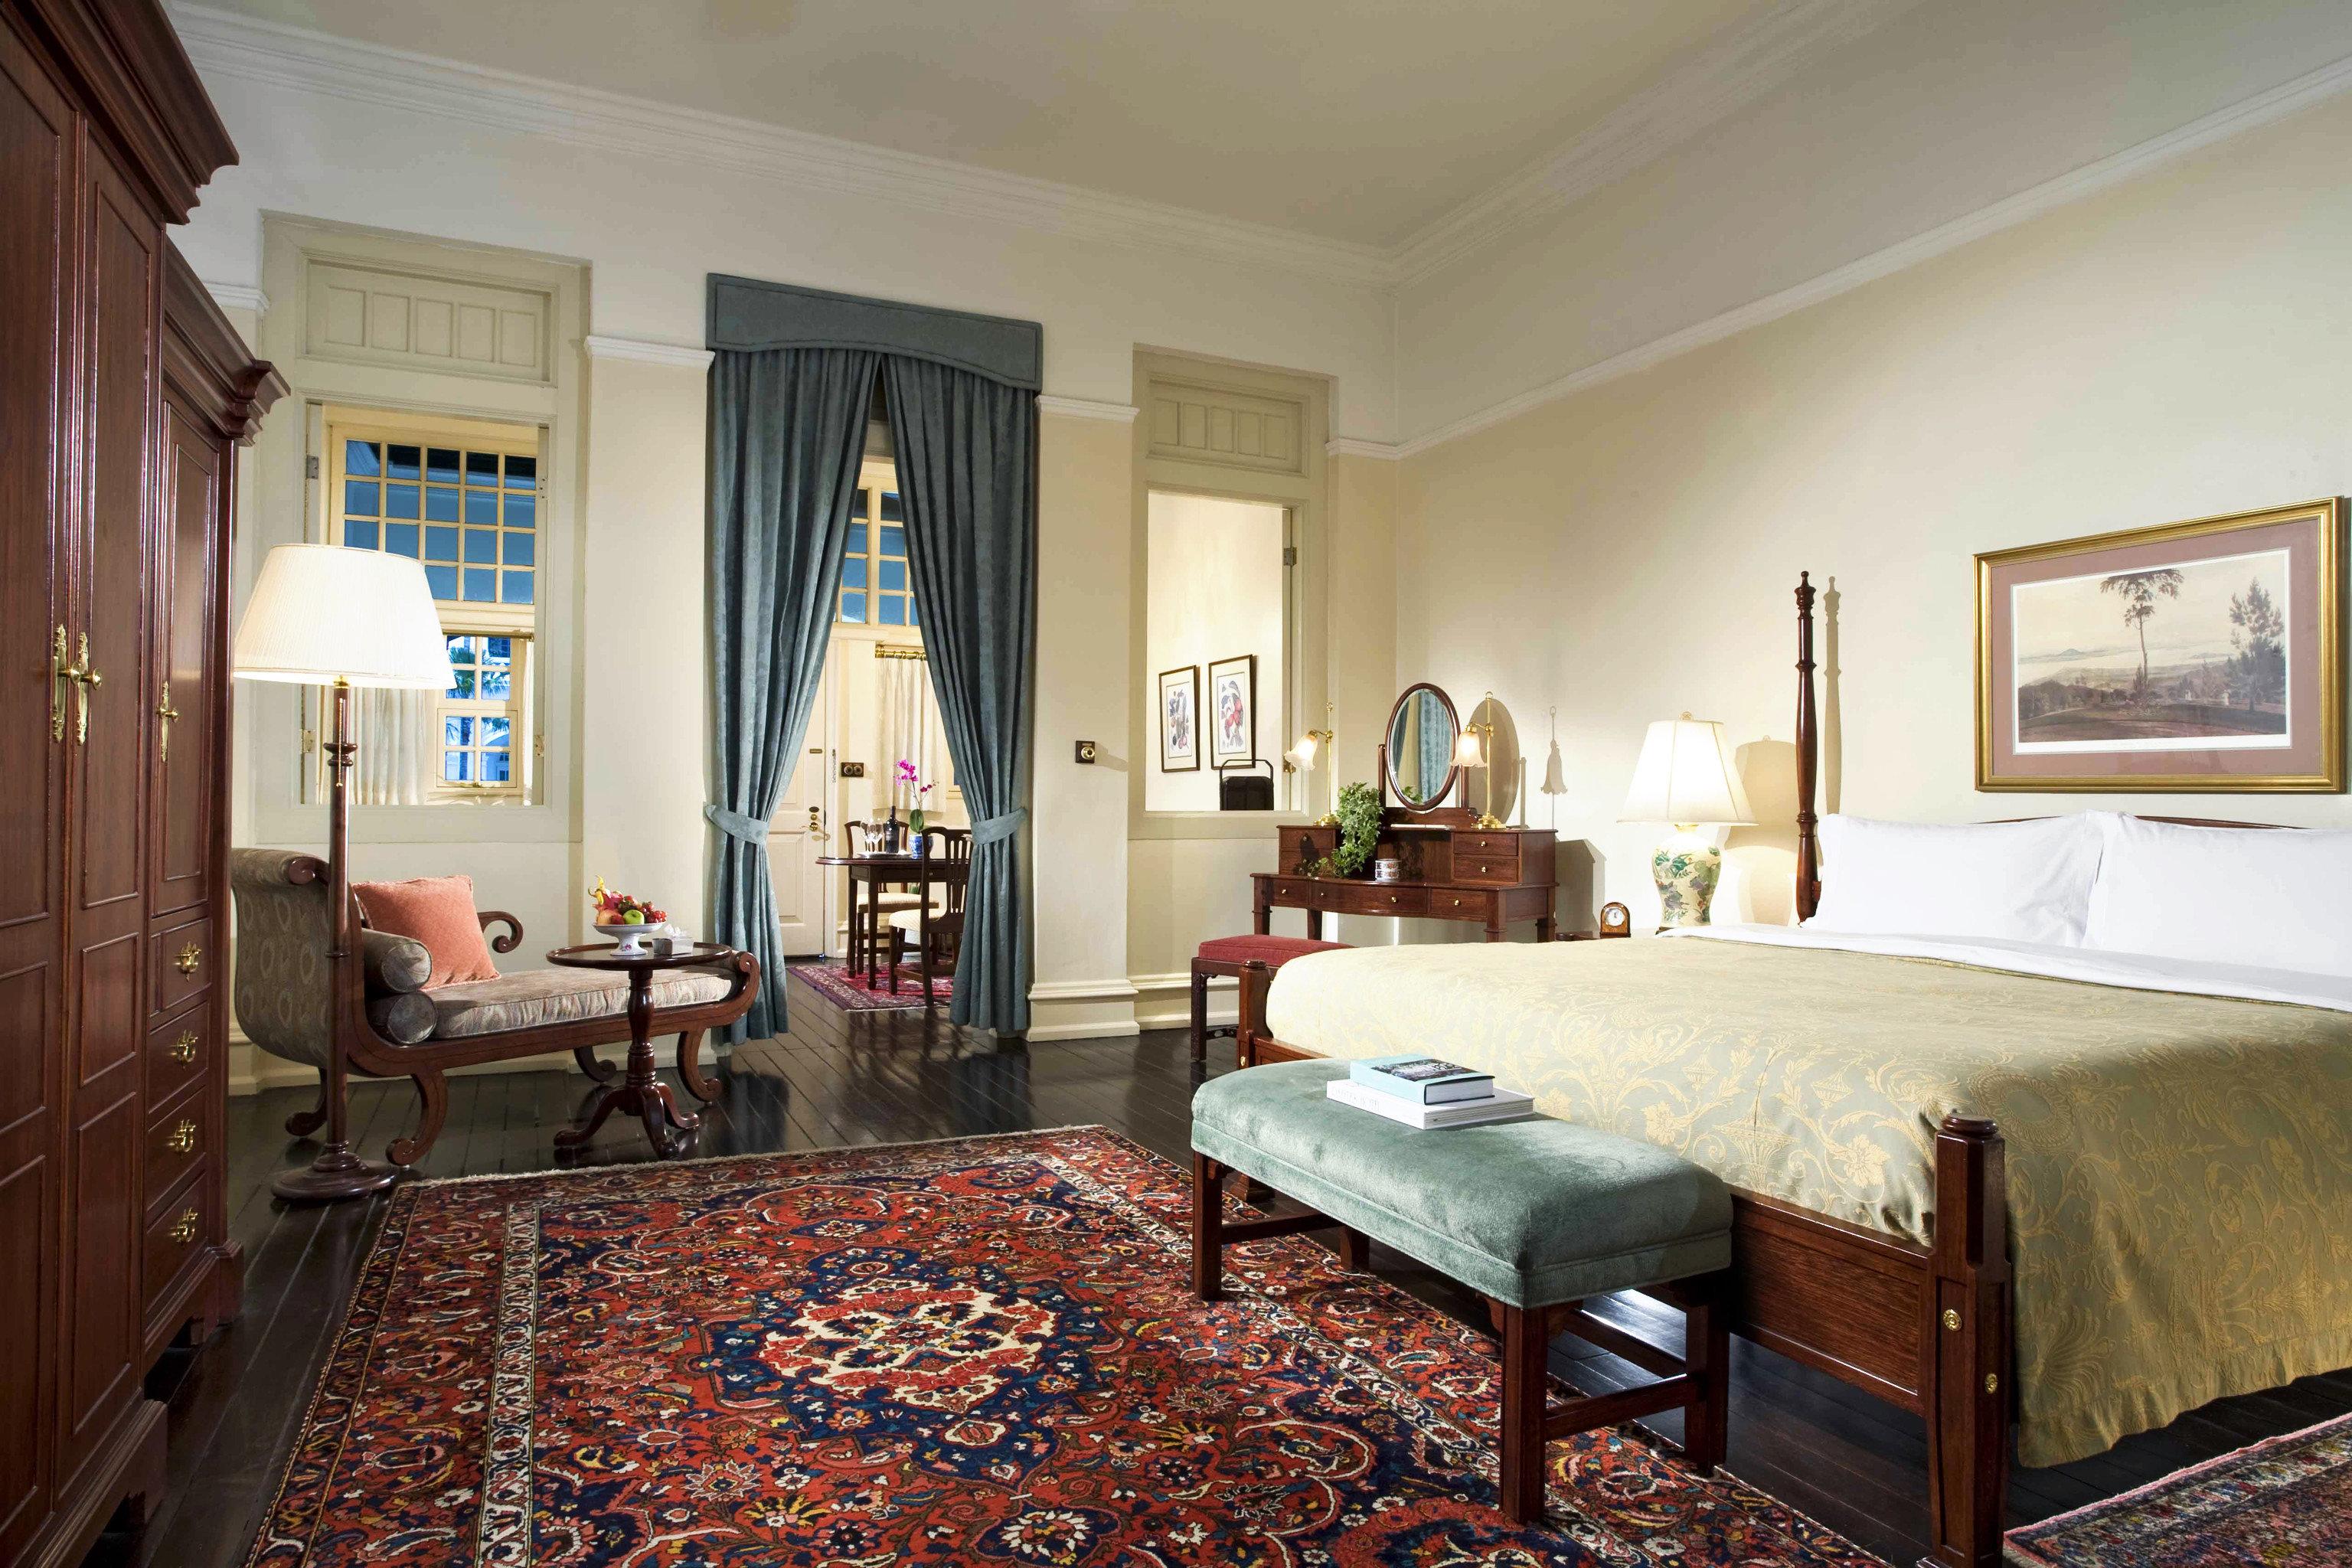 Bedroom Elegant Hip Luxury Modern Suite property home hardwood living room cottage Villa mansion